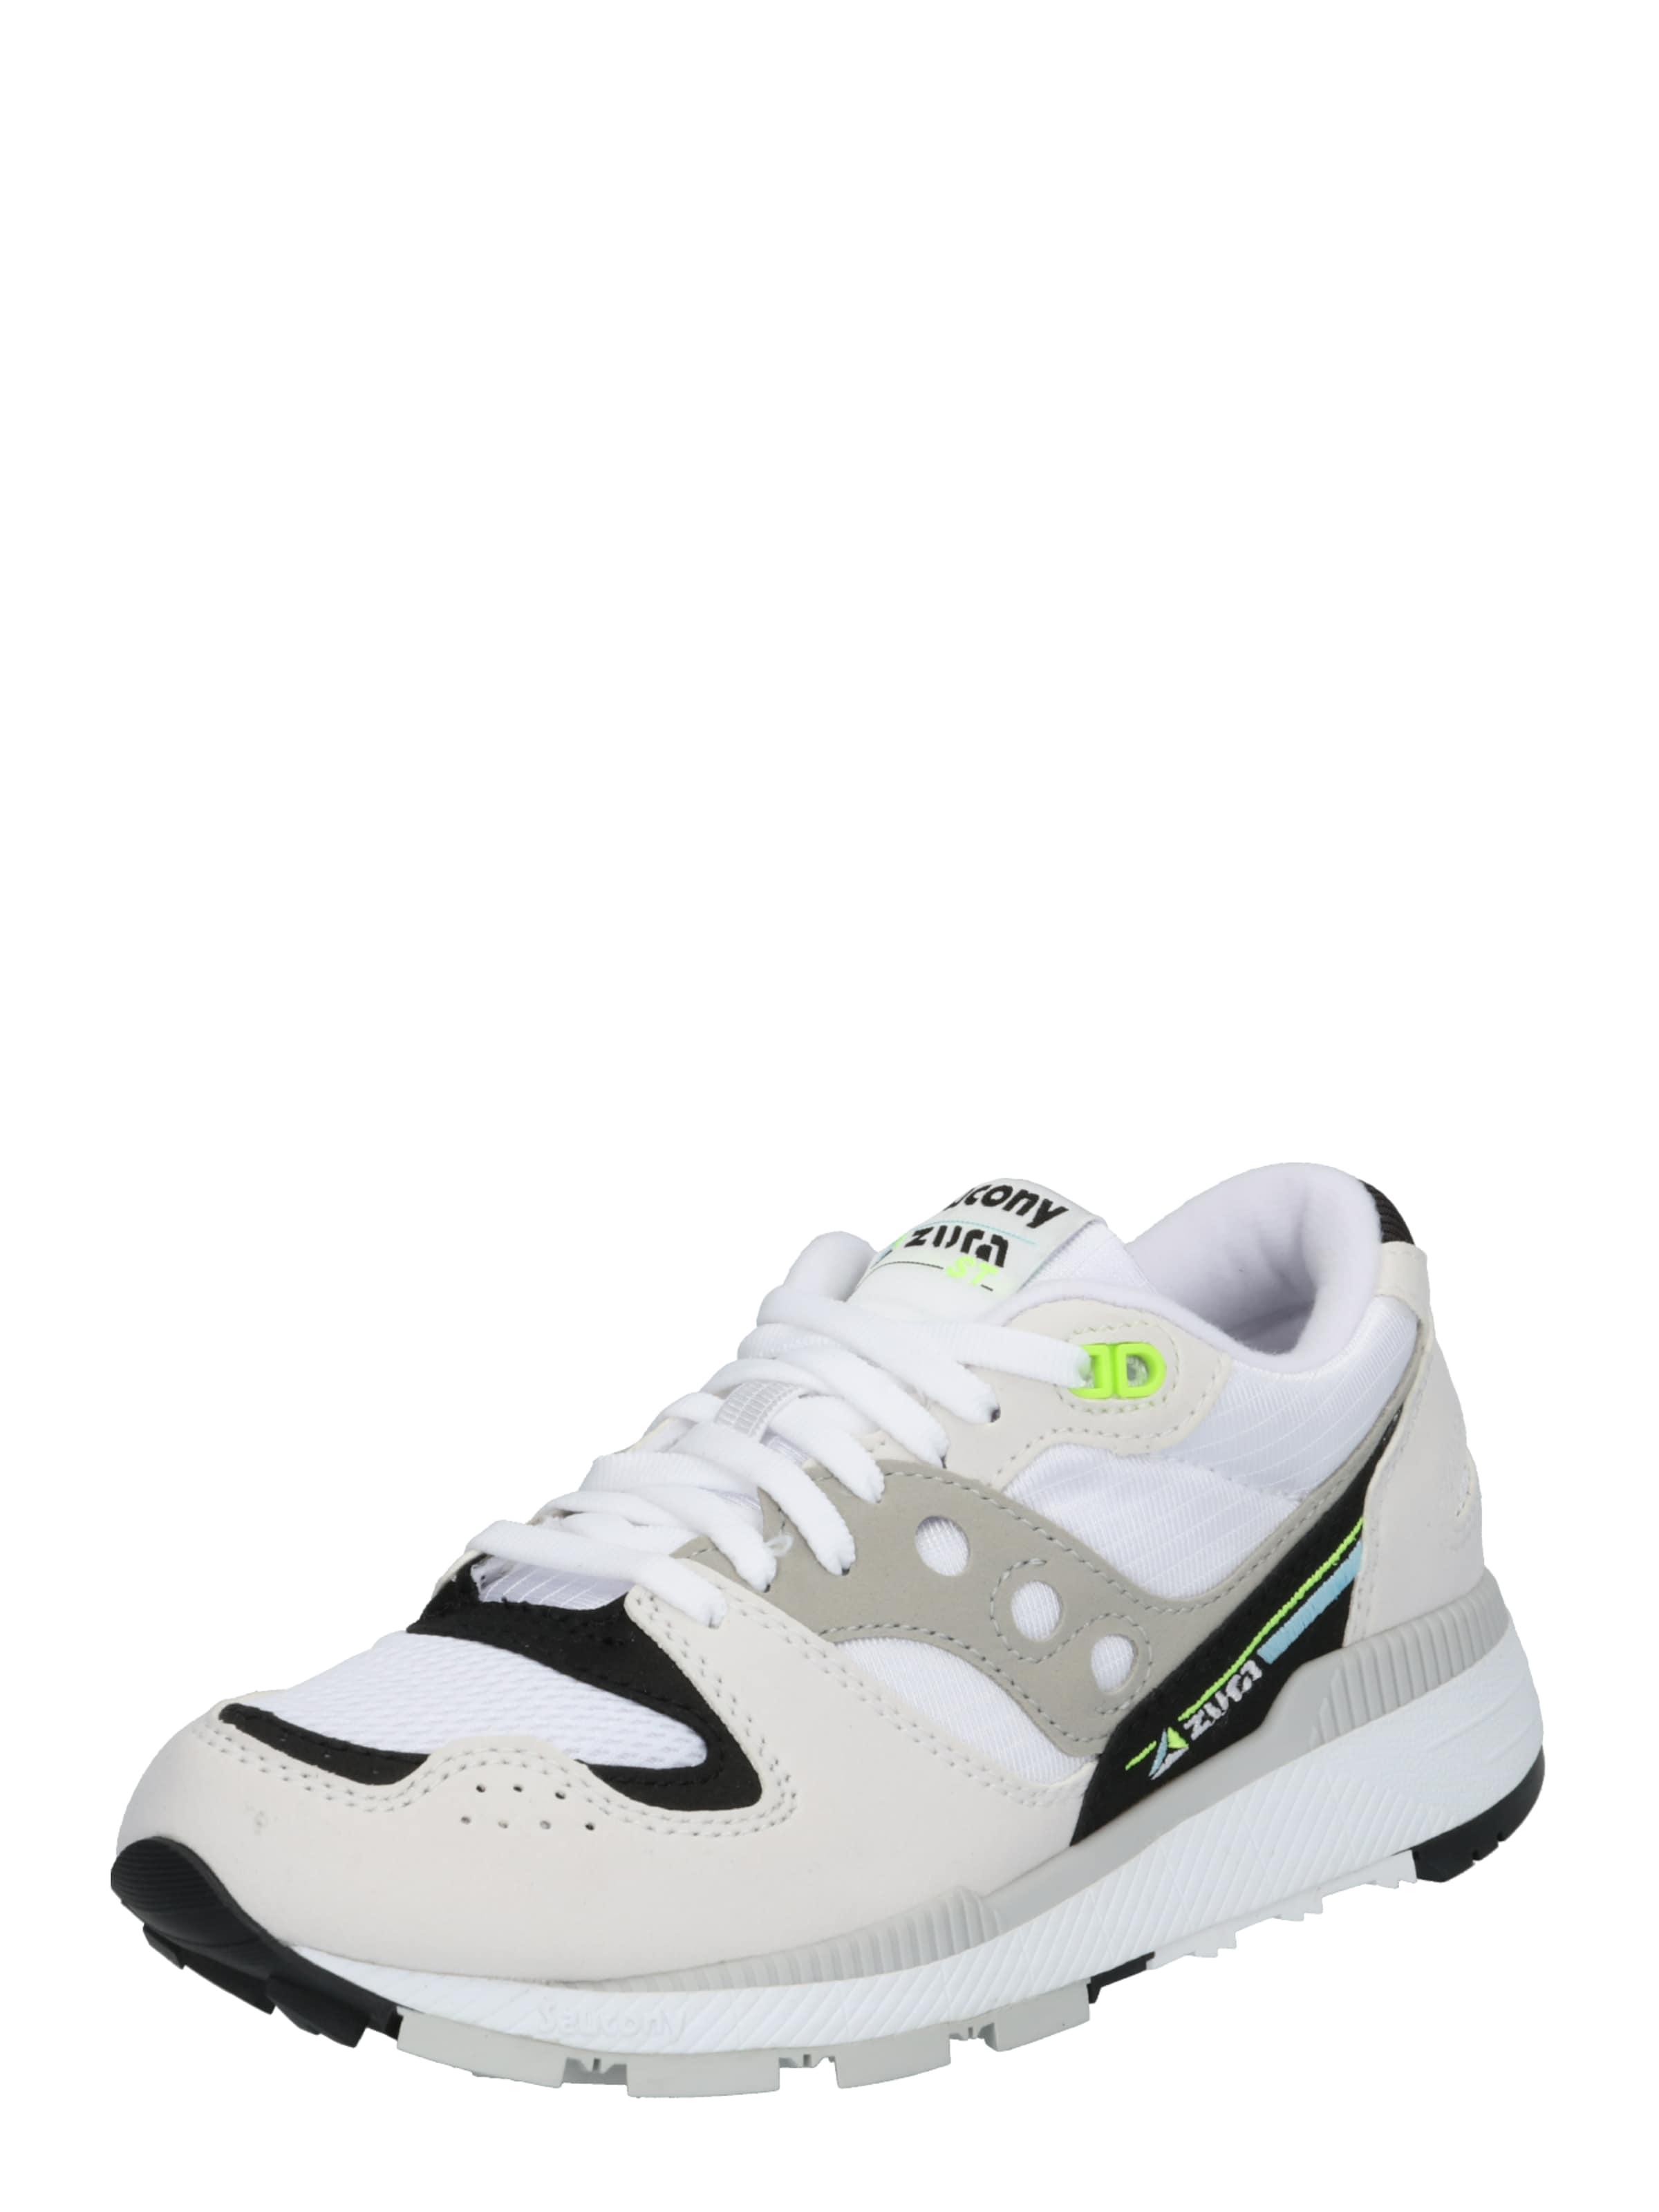 HellgrauWeiß Sneaker 'azura' Saucony Saucony In CEBQdoWrxe